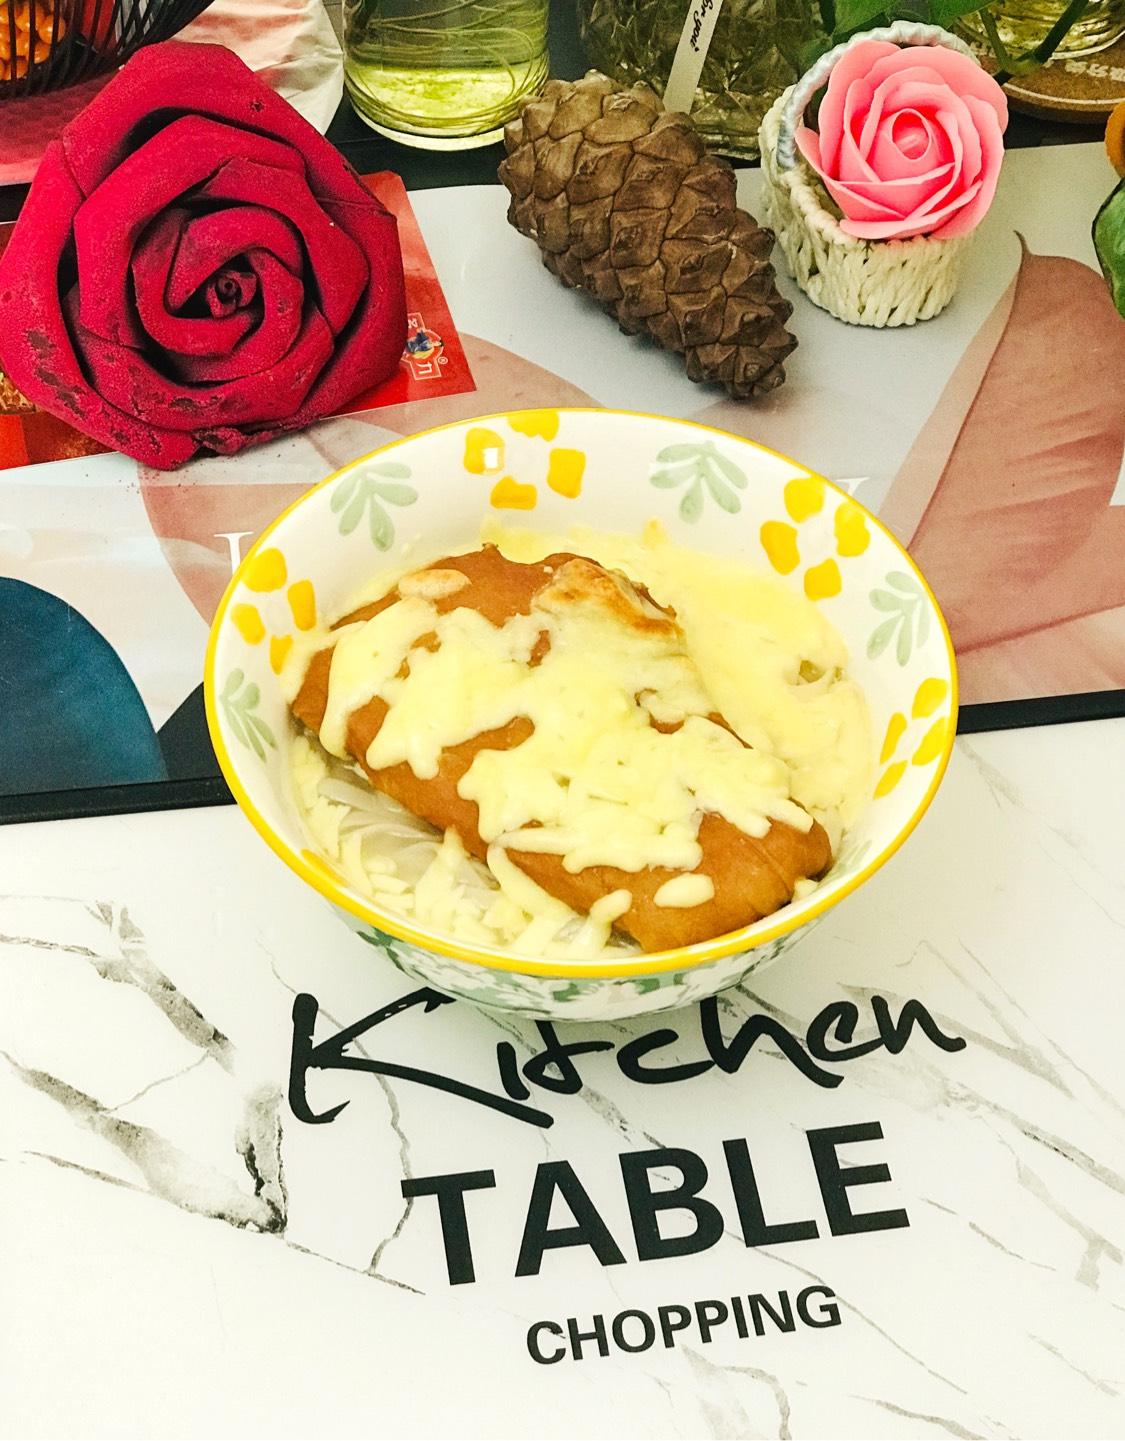 美味的芝士泡面_美味的芝士泡面的做法_美味的芝士泡面的家常做法_美味的芝士泡面怎么做_爱吃菜